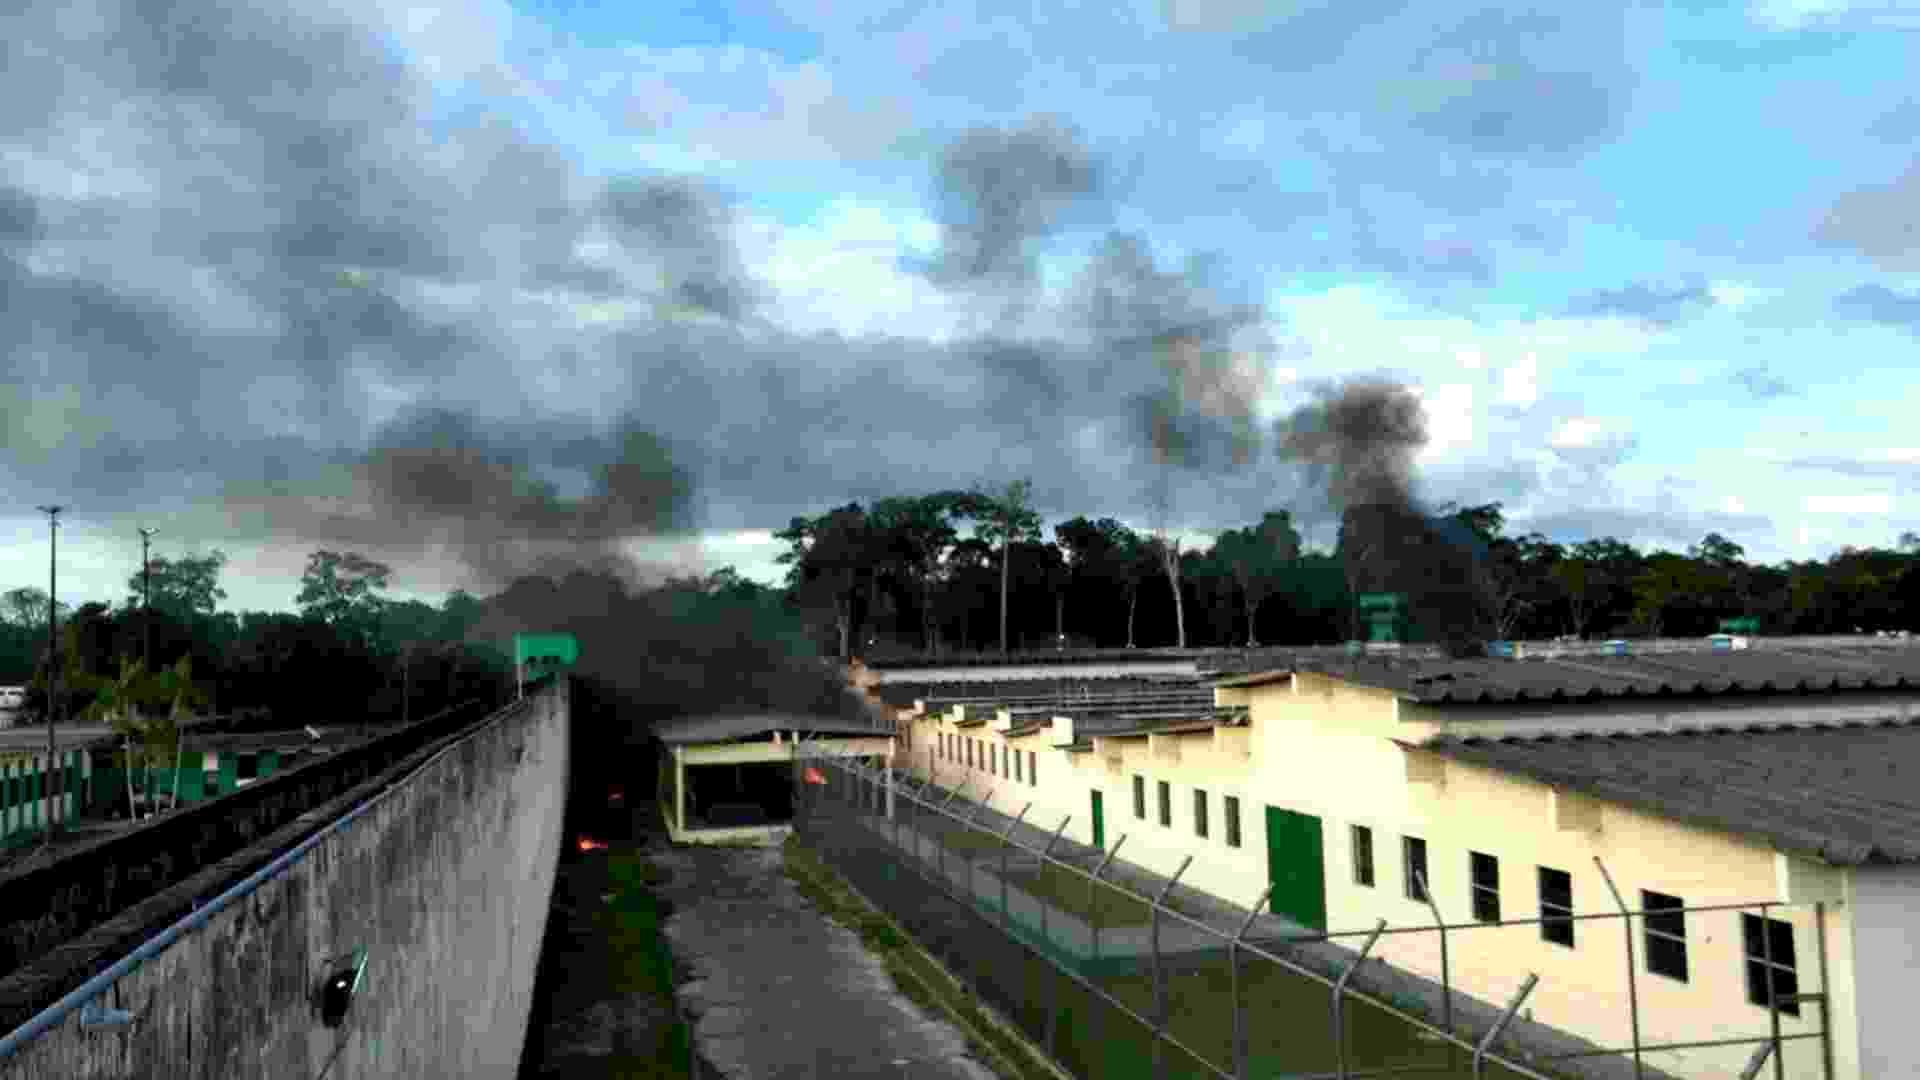 2.jan.2017 - O Compaj (Complexo Penitenciário Anísio Jobim) em Manaus ficou sob fumaça durante a rebelião de 17 horas - Xinhua/A Crítica